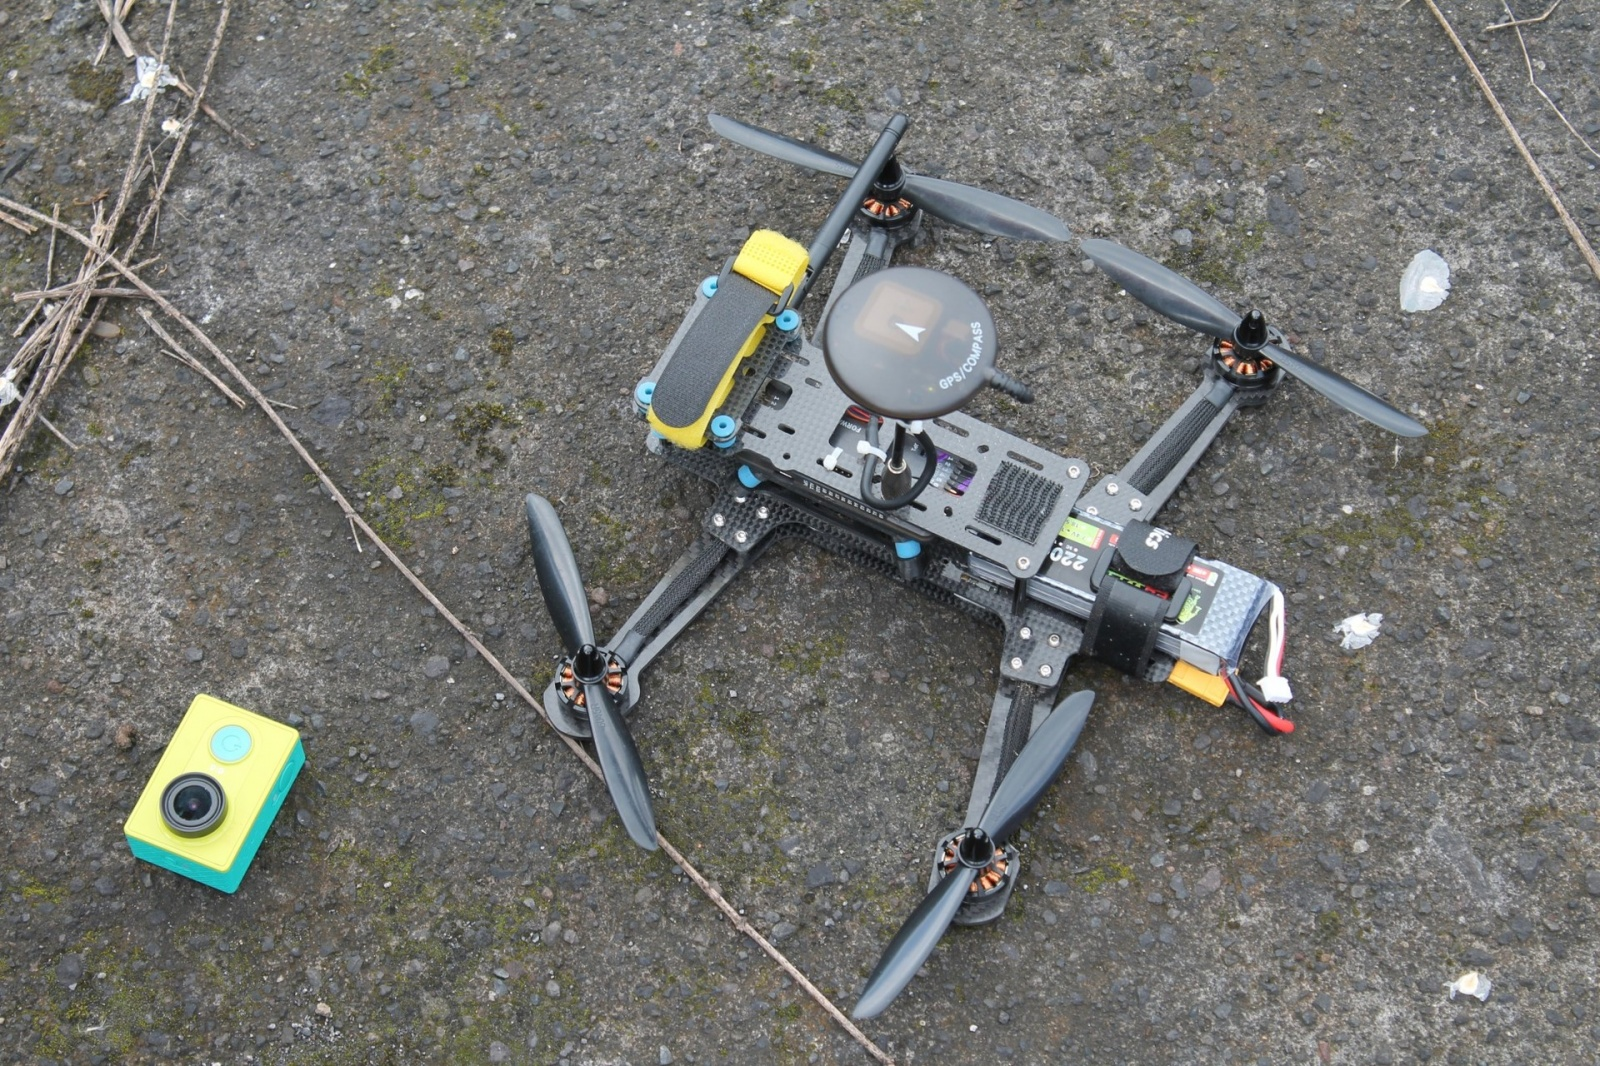 Автономный квадрокоптер 280мм для съемки с воздуха - 8